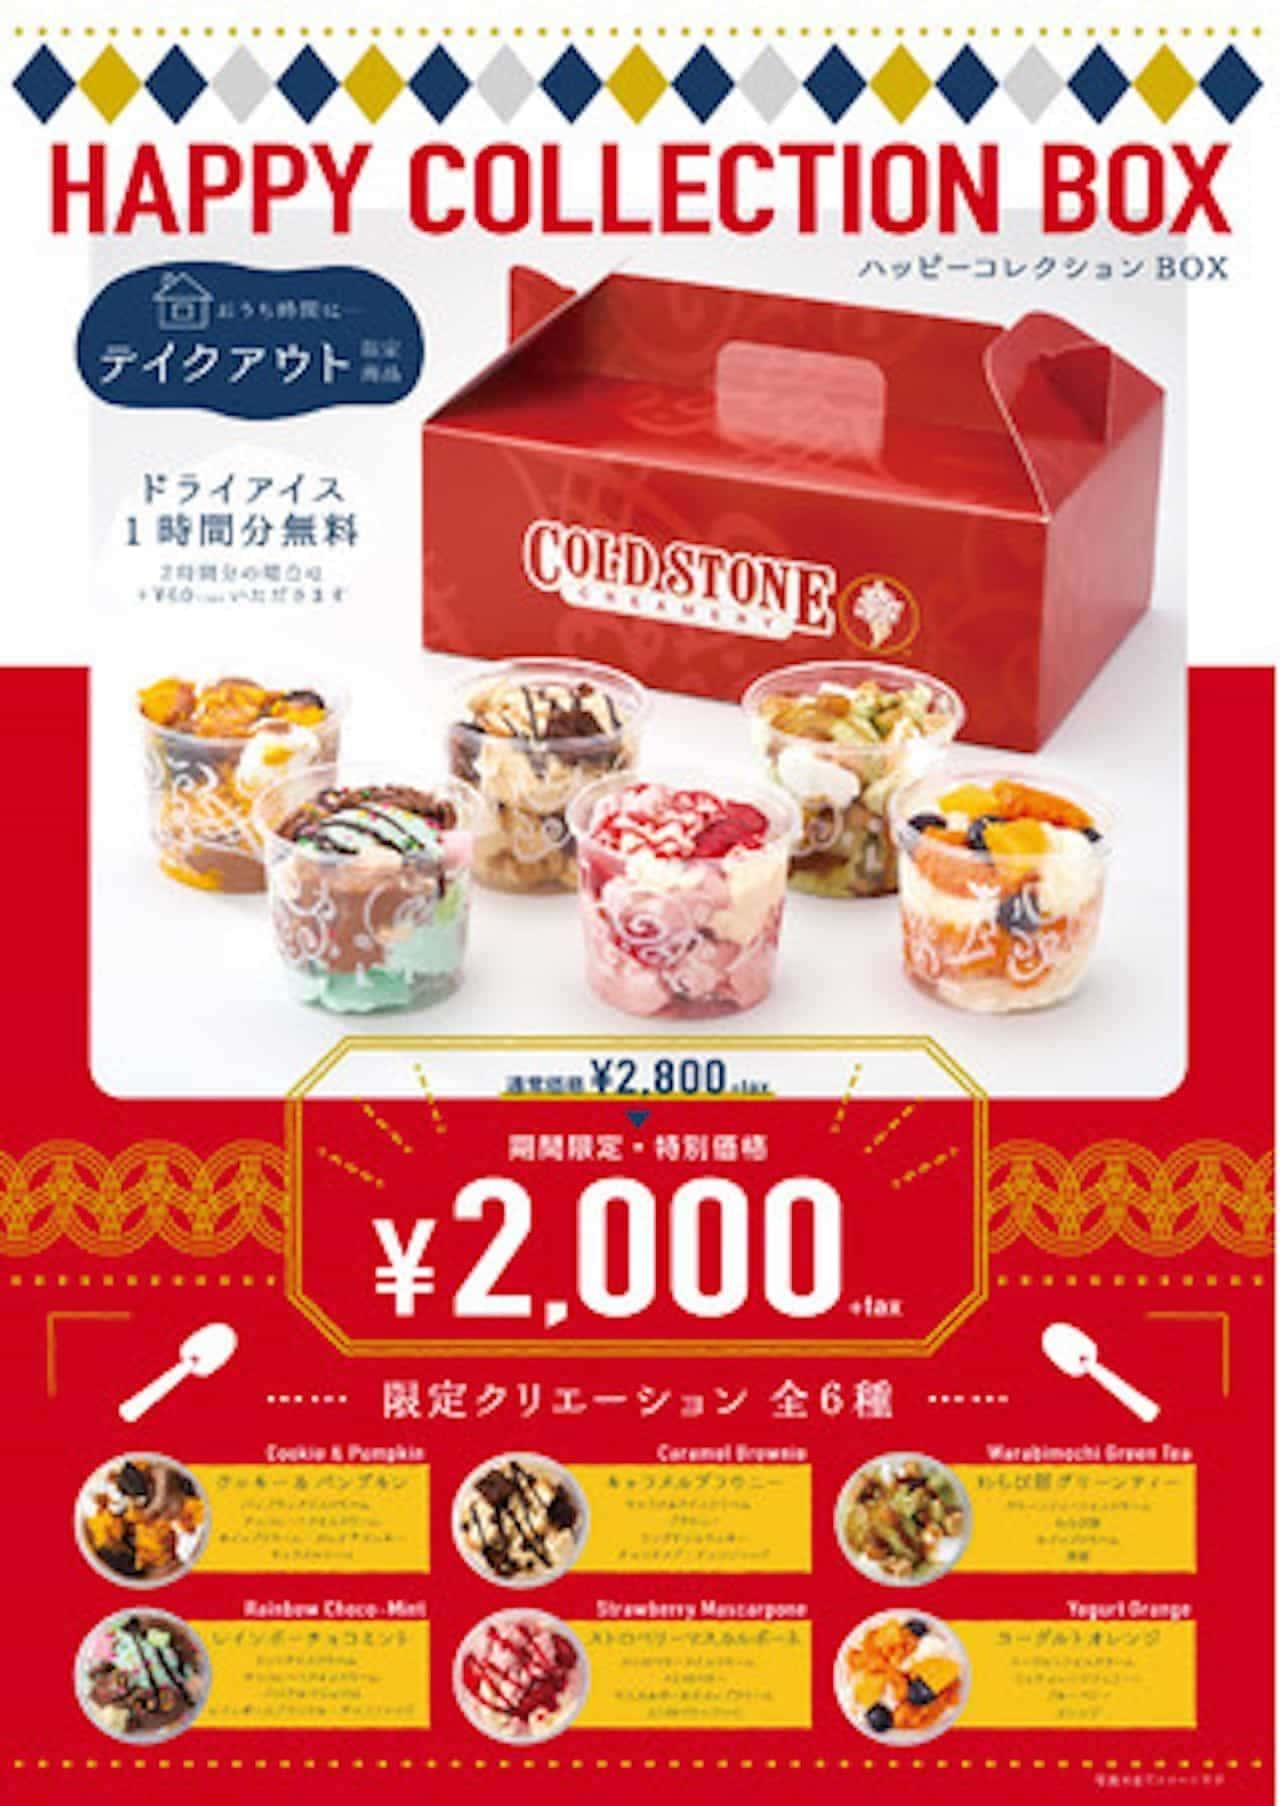 コールド・ストーン・クリーマリーテイクアウト限定商品「ハッピーコレクションBOX」